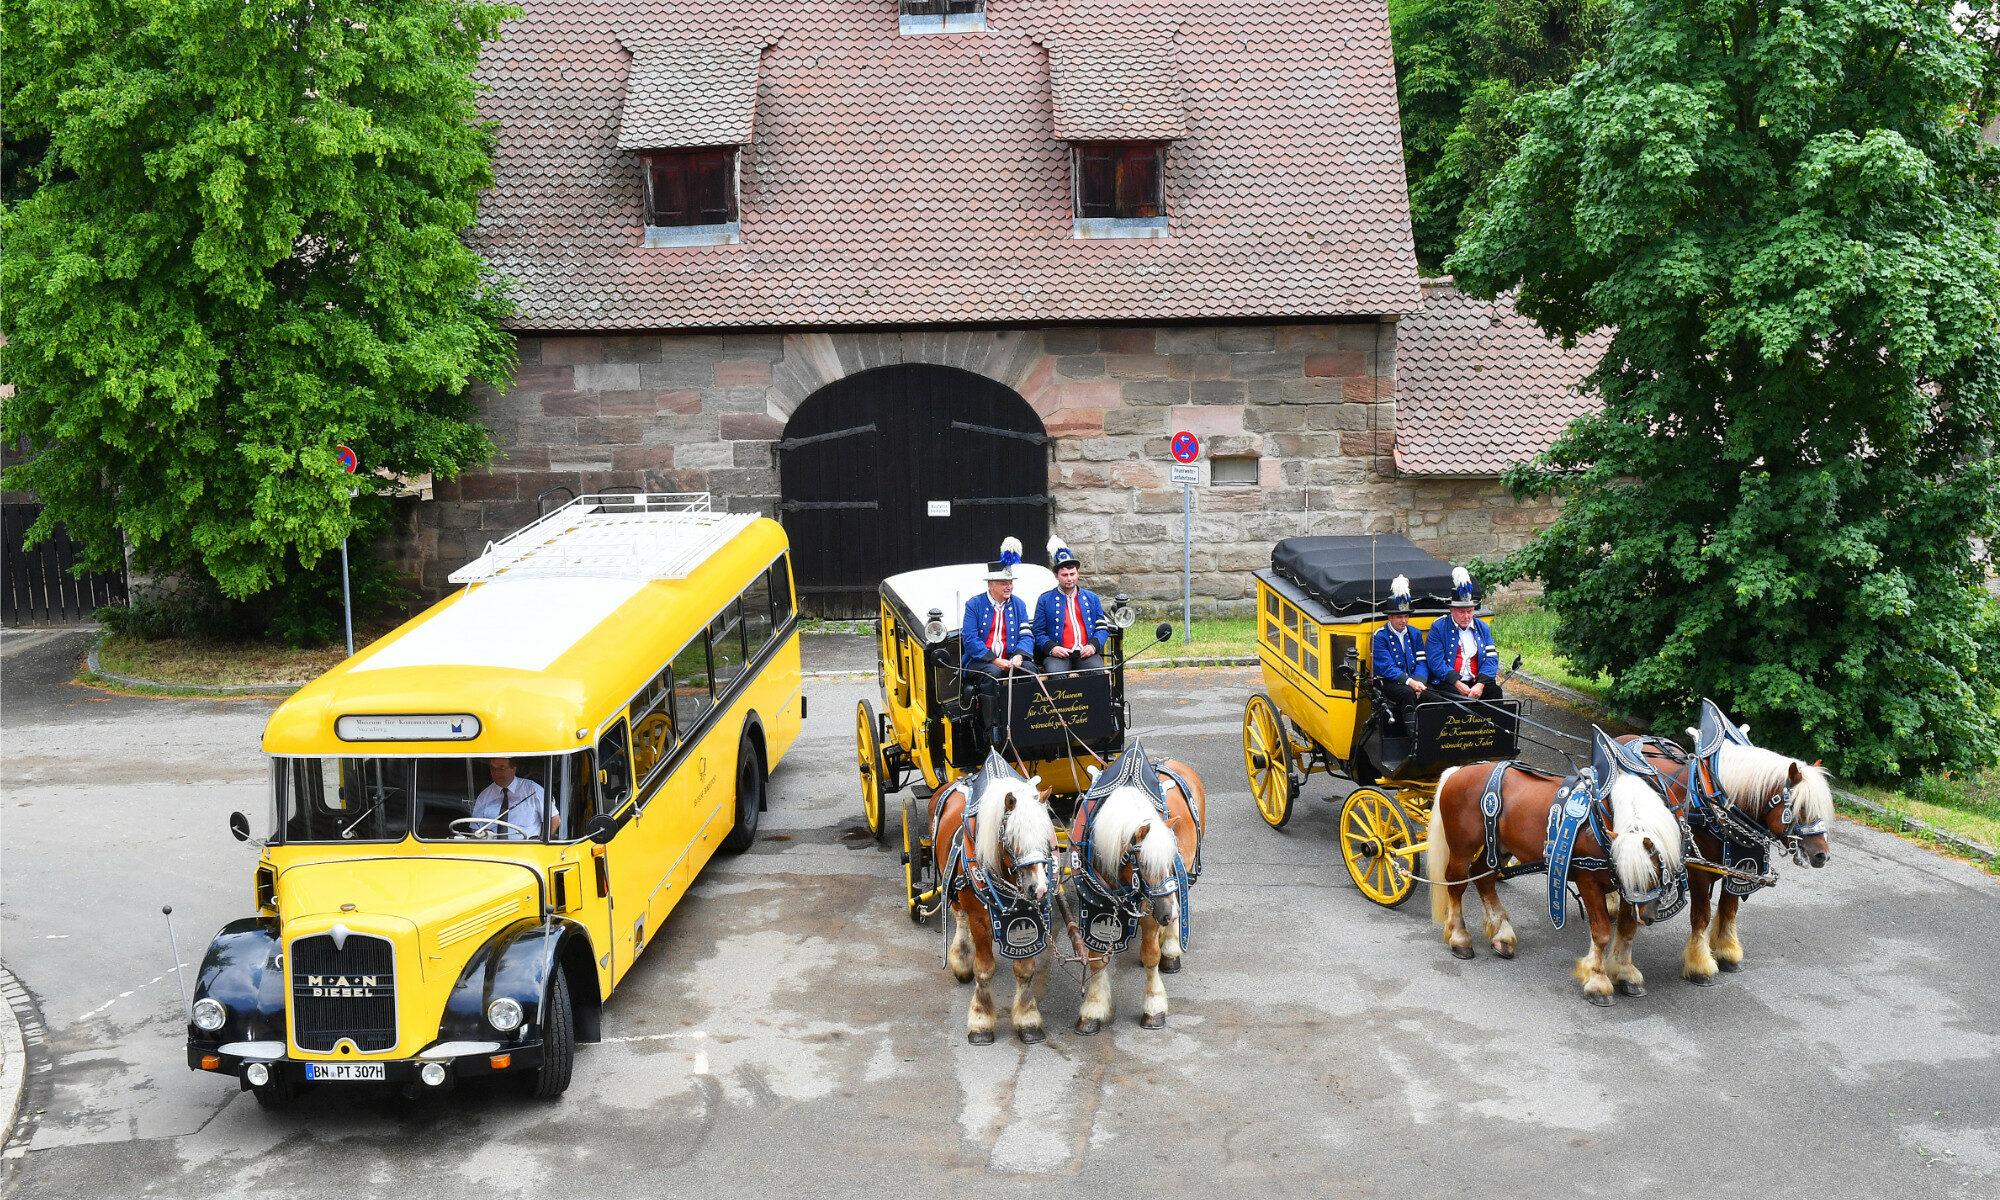 """Link zur Seite """"Unsere Fahrzeuge"""". Auf dem Bild ist zu sehen: Blick von oben auf die Flotte der historischen Fahrzeuge des Museums für Kommunikation von links nach rechts: Kraftpostbus, Museums-Postkutsche Modell Berline und pferdebespannter Postomnibus"""